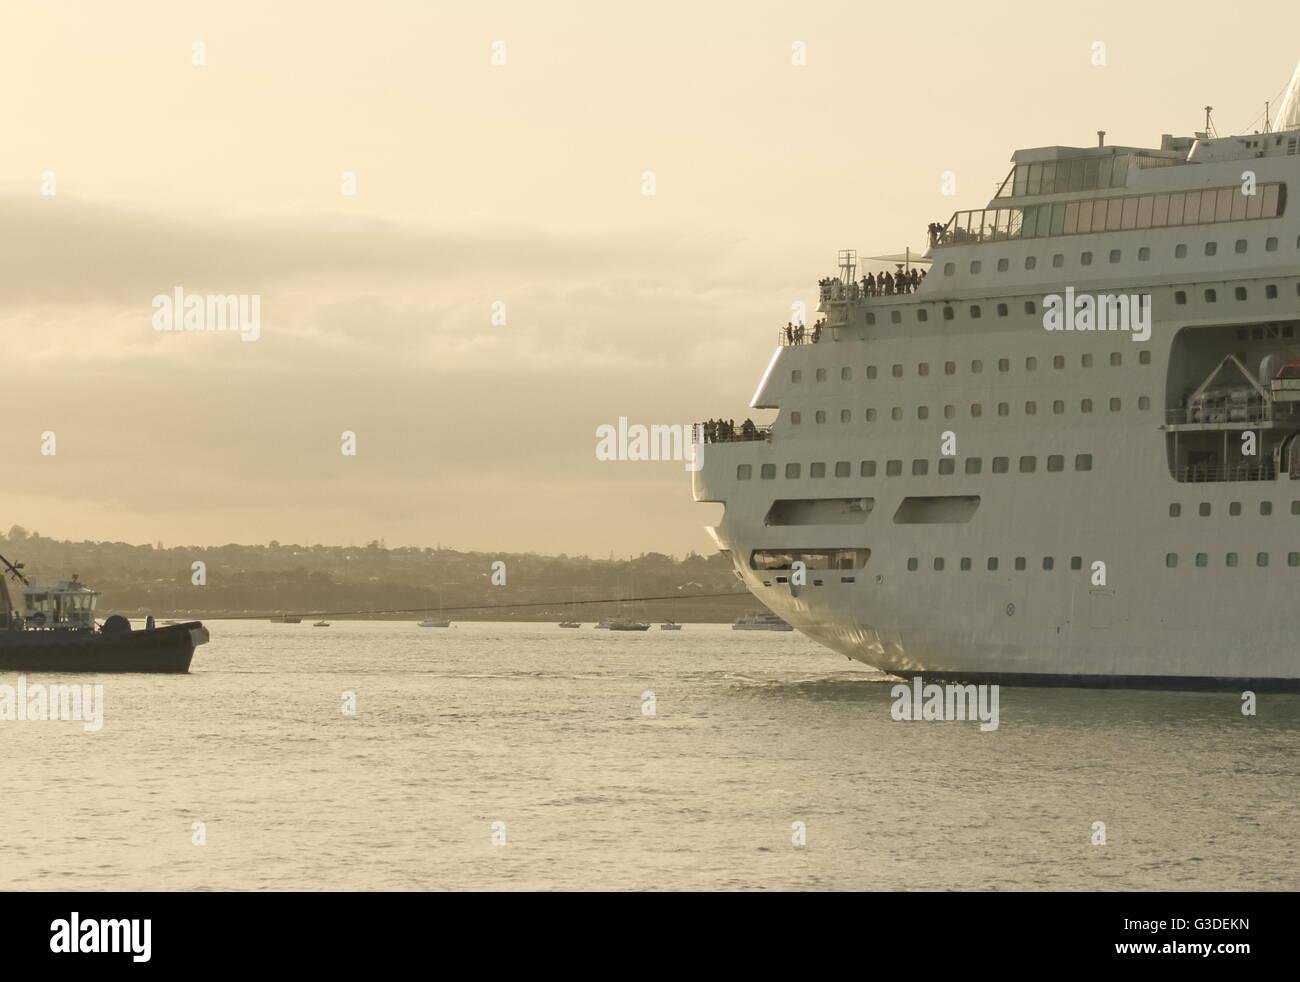 Tugboat pulling a large cruise ship - Stock Image